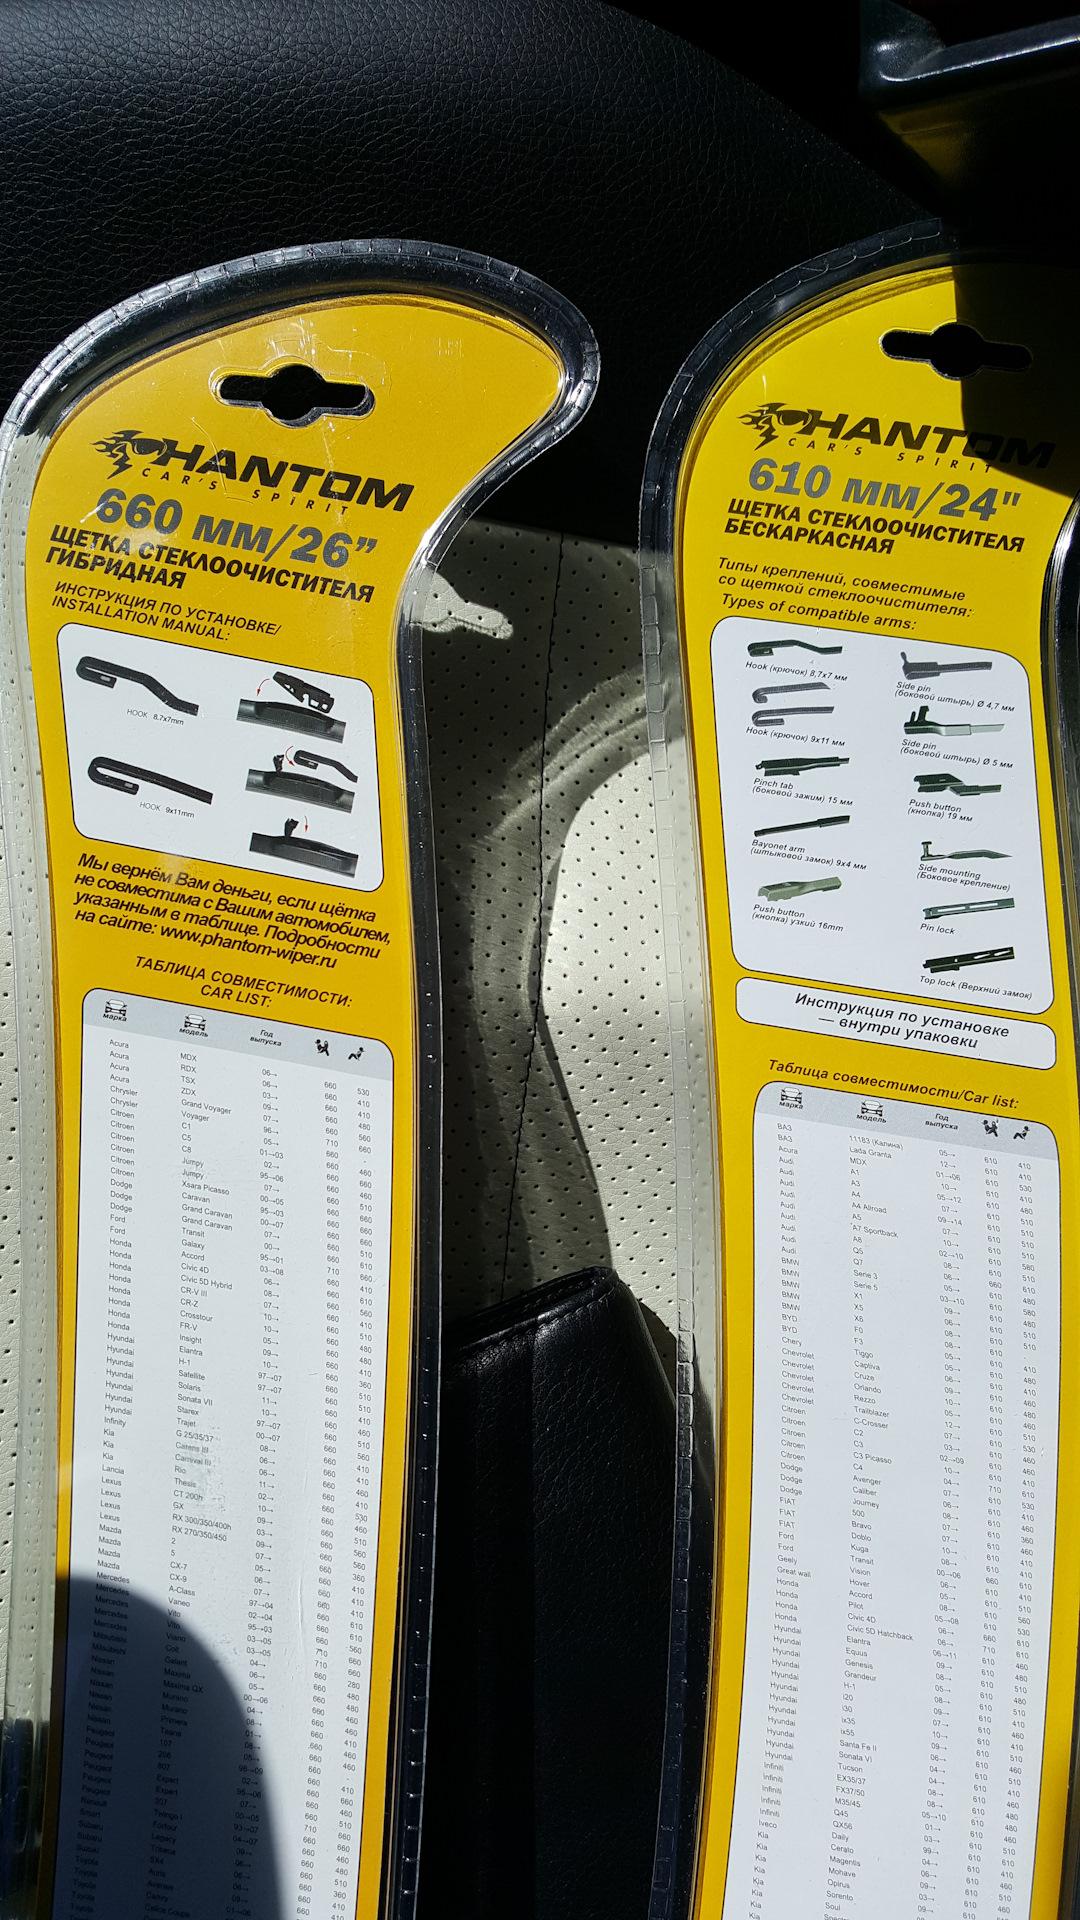 Этикетки оригинальные phantom недорого заказать виртуальные очки для dji в артём